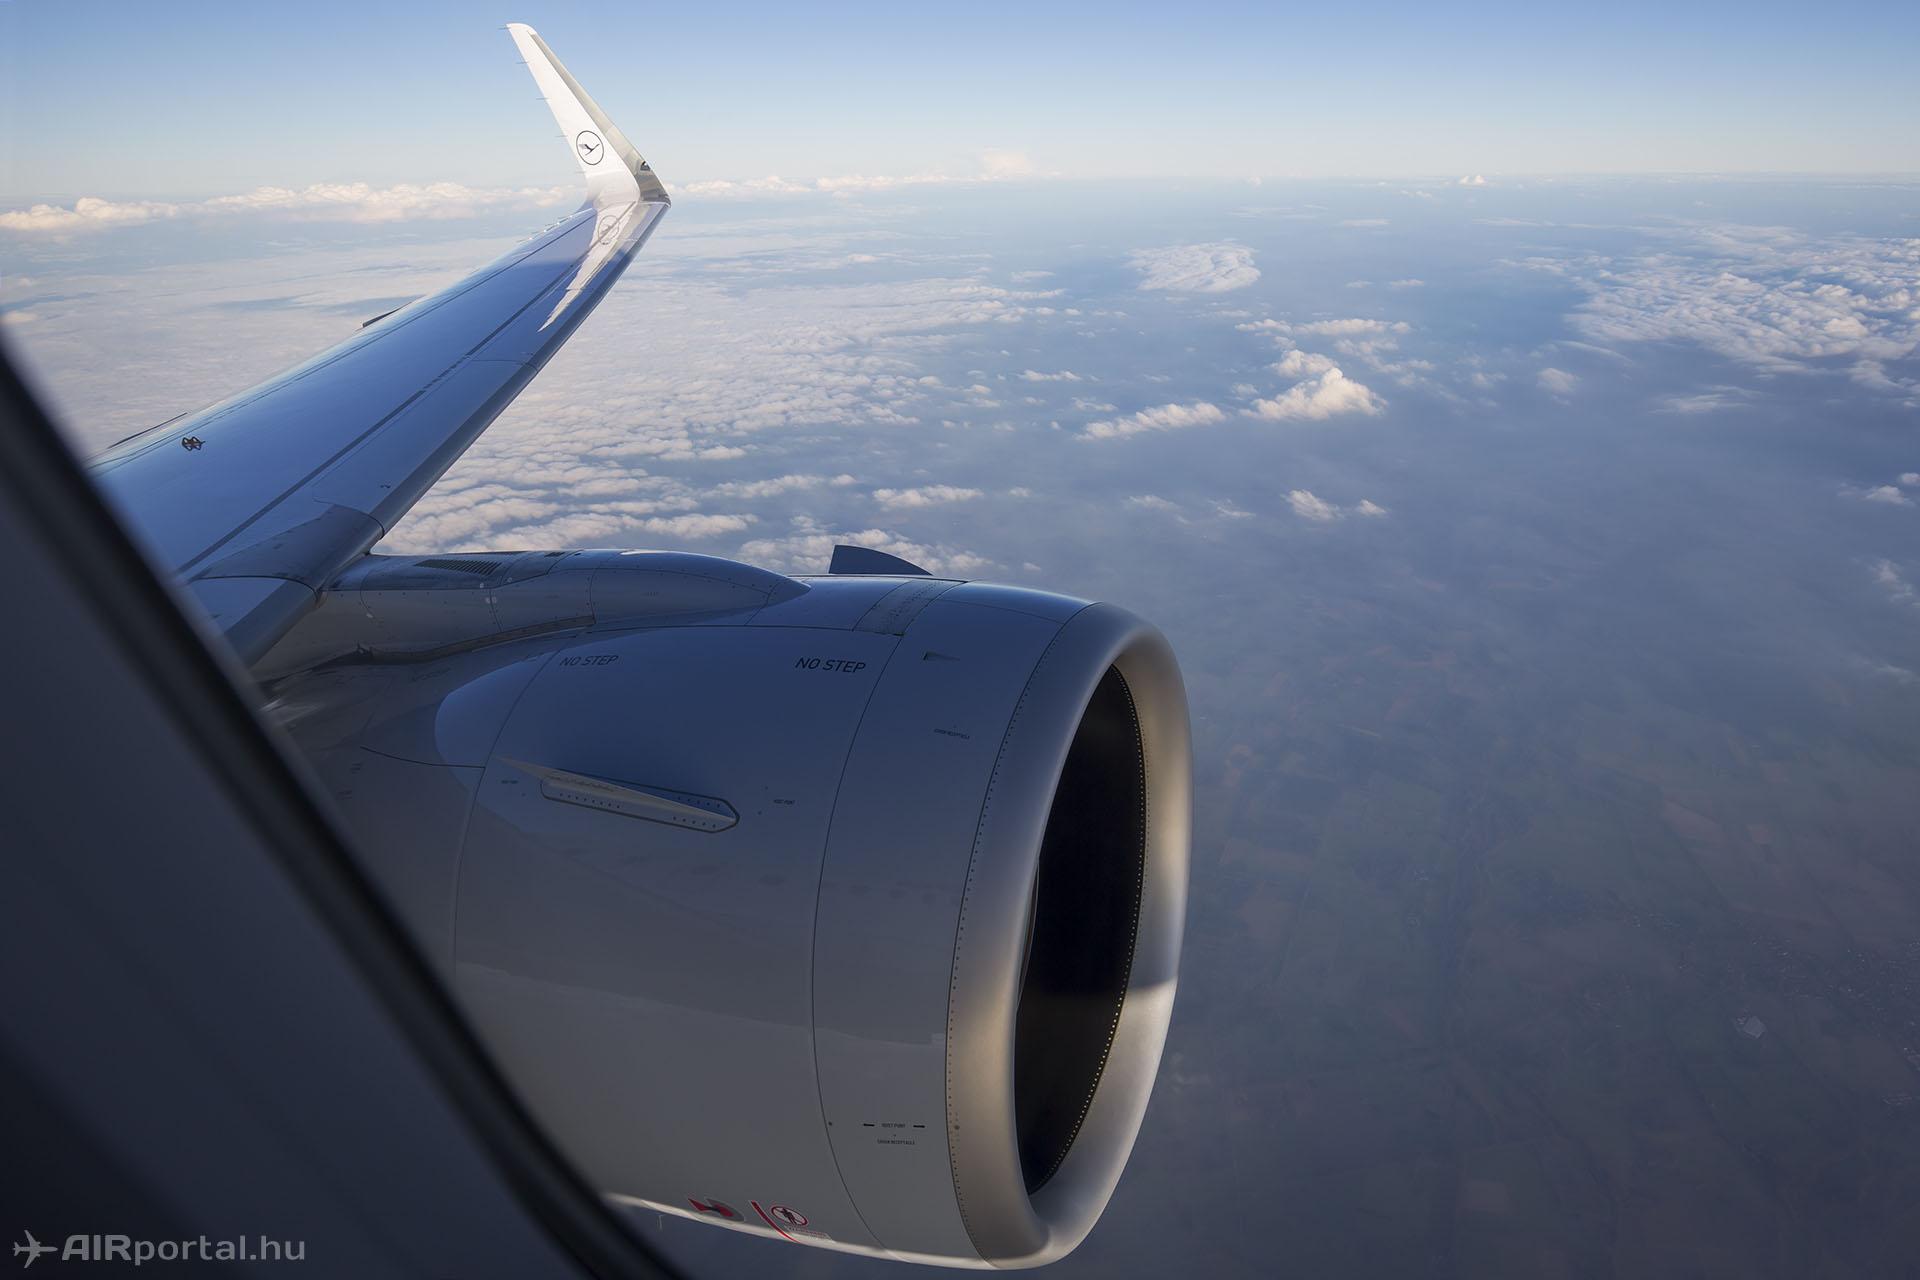 PW1100G-JM hajtómű a levegőben az A320beo típust indító légitársaság, a Lufthansa első gépén (Fotó: AIRportal.hu) | © AIRportal.hu